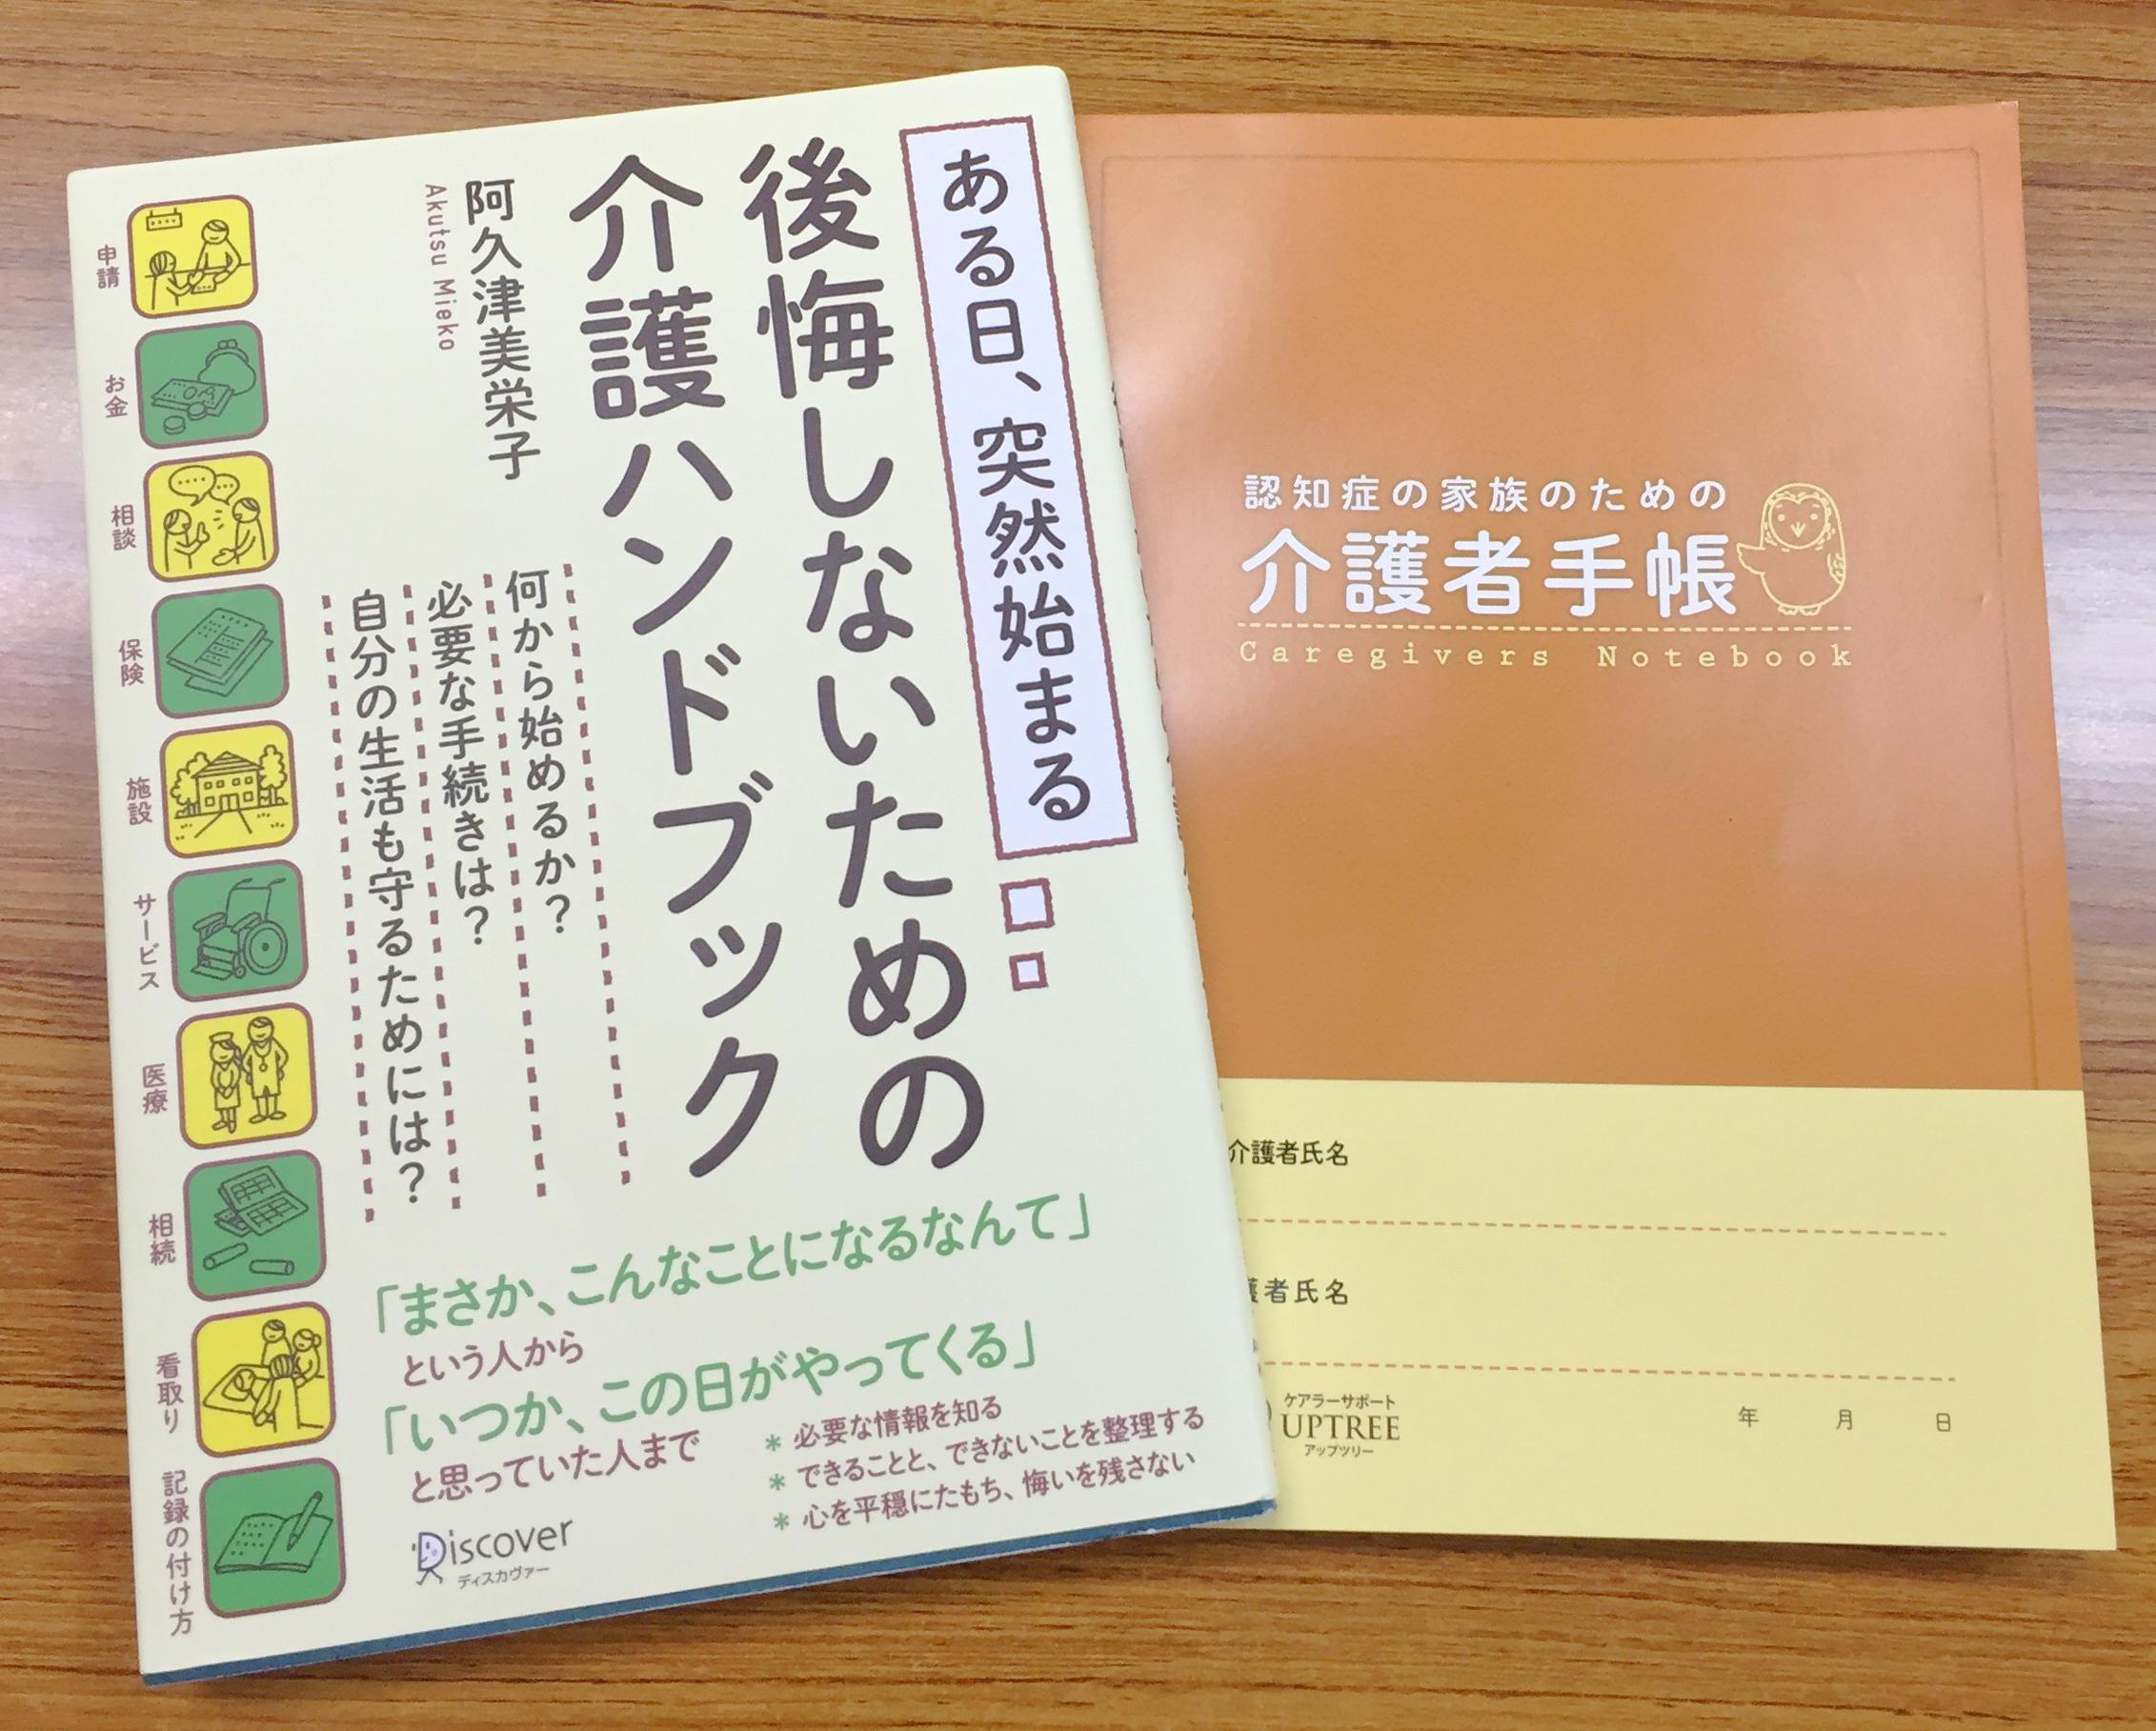 阿久津 美栄子さんに、スカイプ・インタビューさせてもらいました!